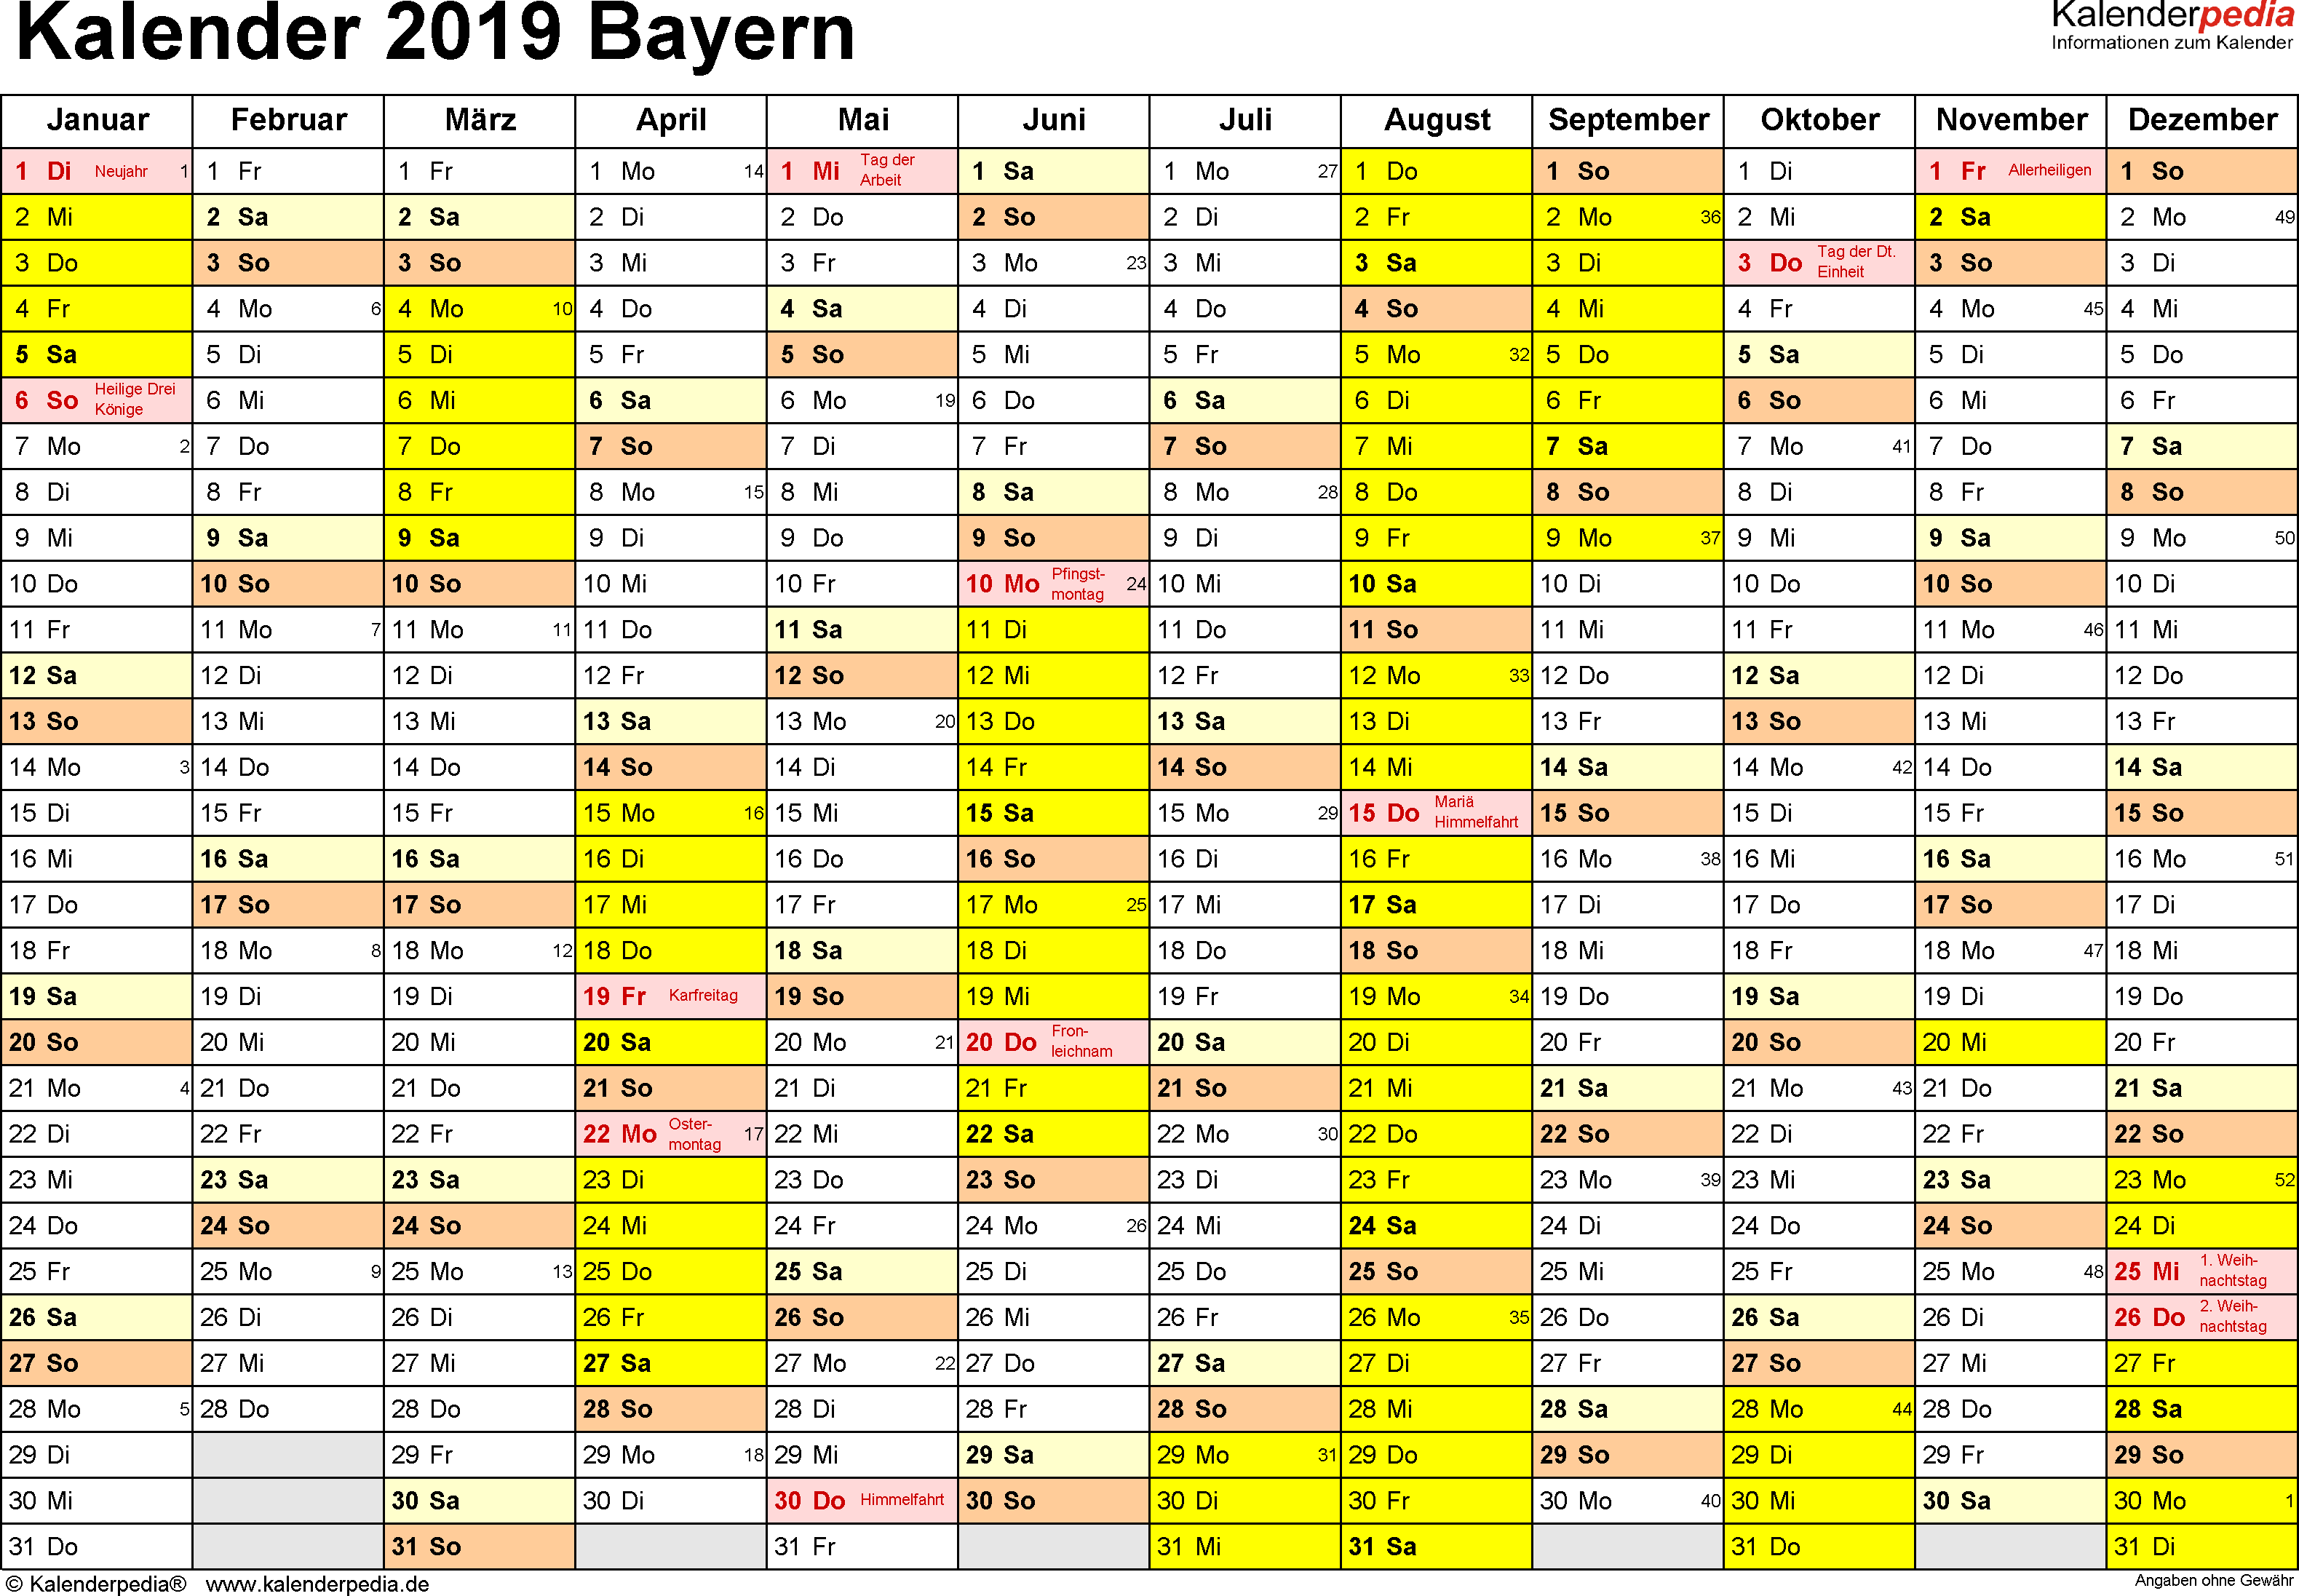 Vorlage 1: Kalender 2019 für Bayern als Word-Vorlage (Querformat, 1 Seite)